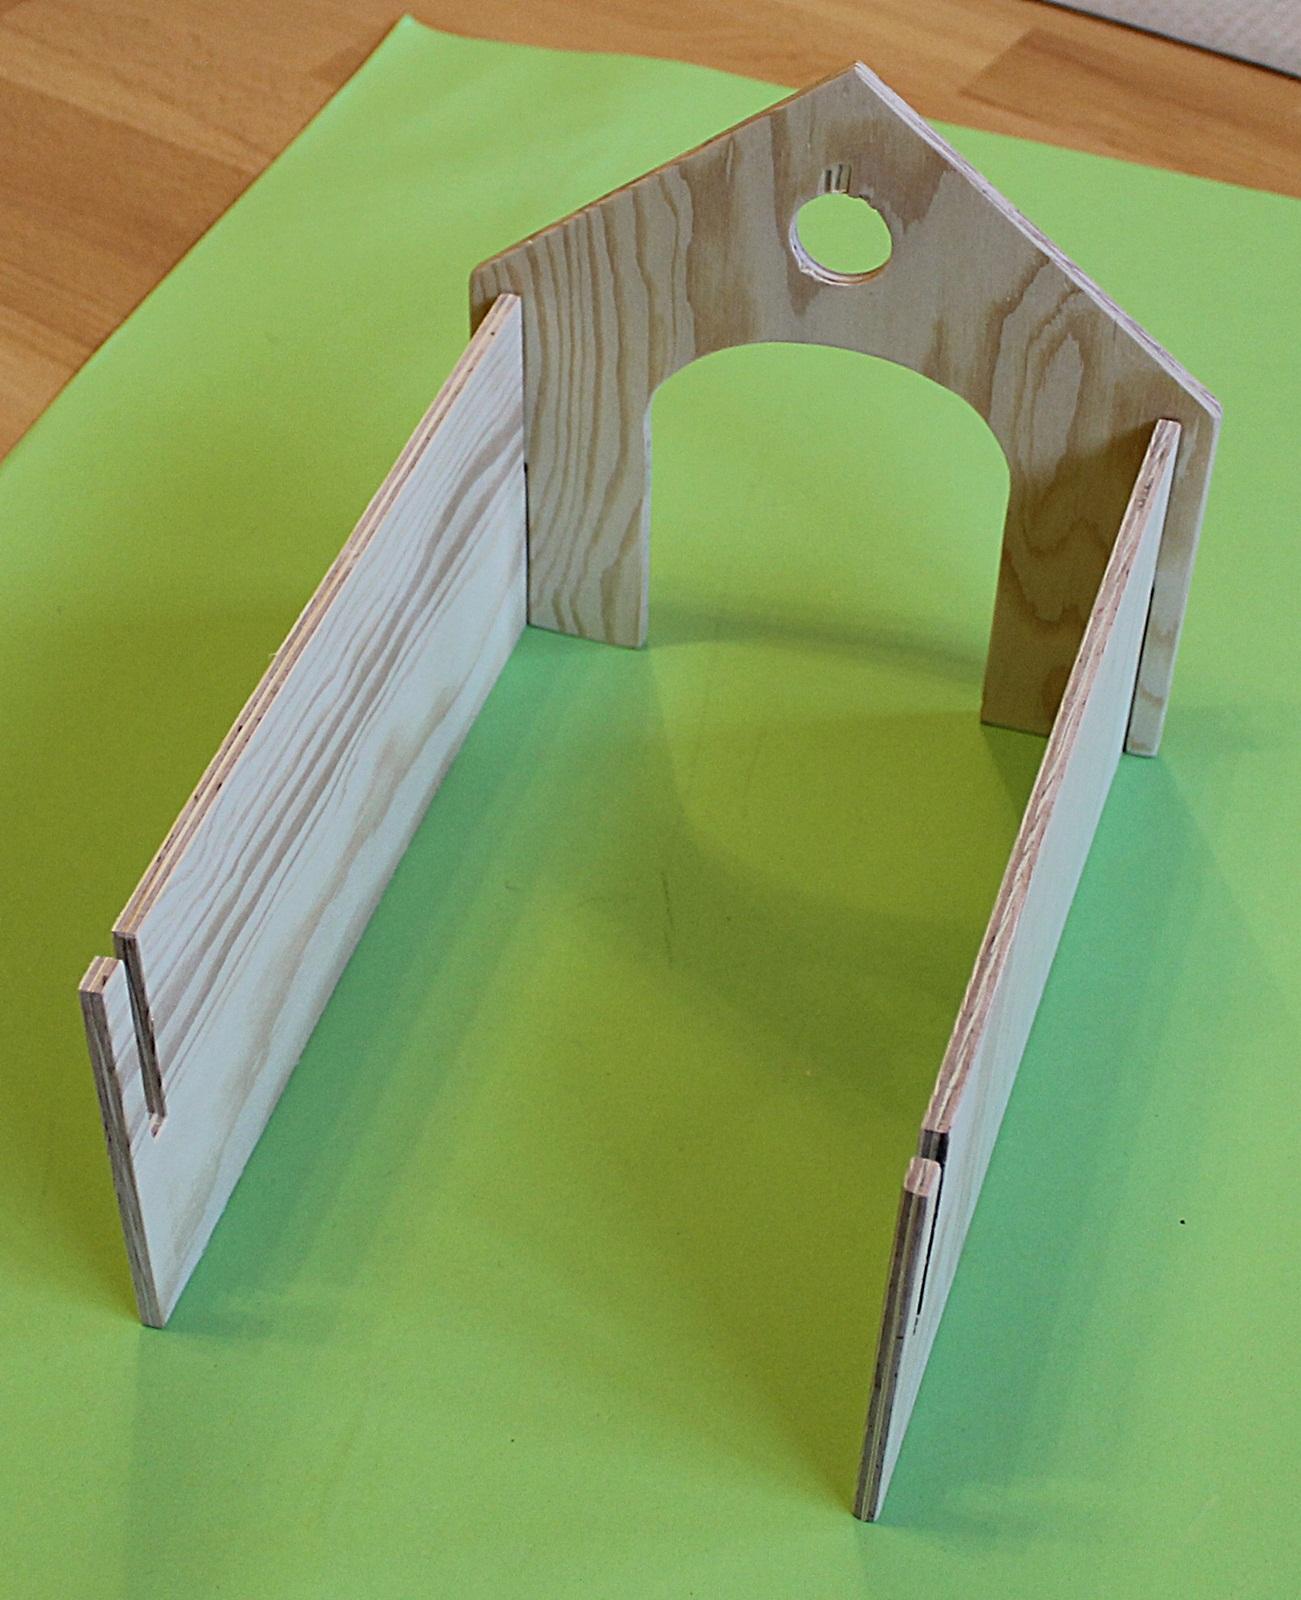 kreative kiste schleich bauernhof selber bauen und spielen. Black Bedroom Furniture Sets. Home Design Ideas